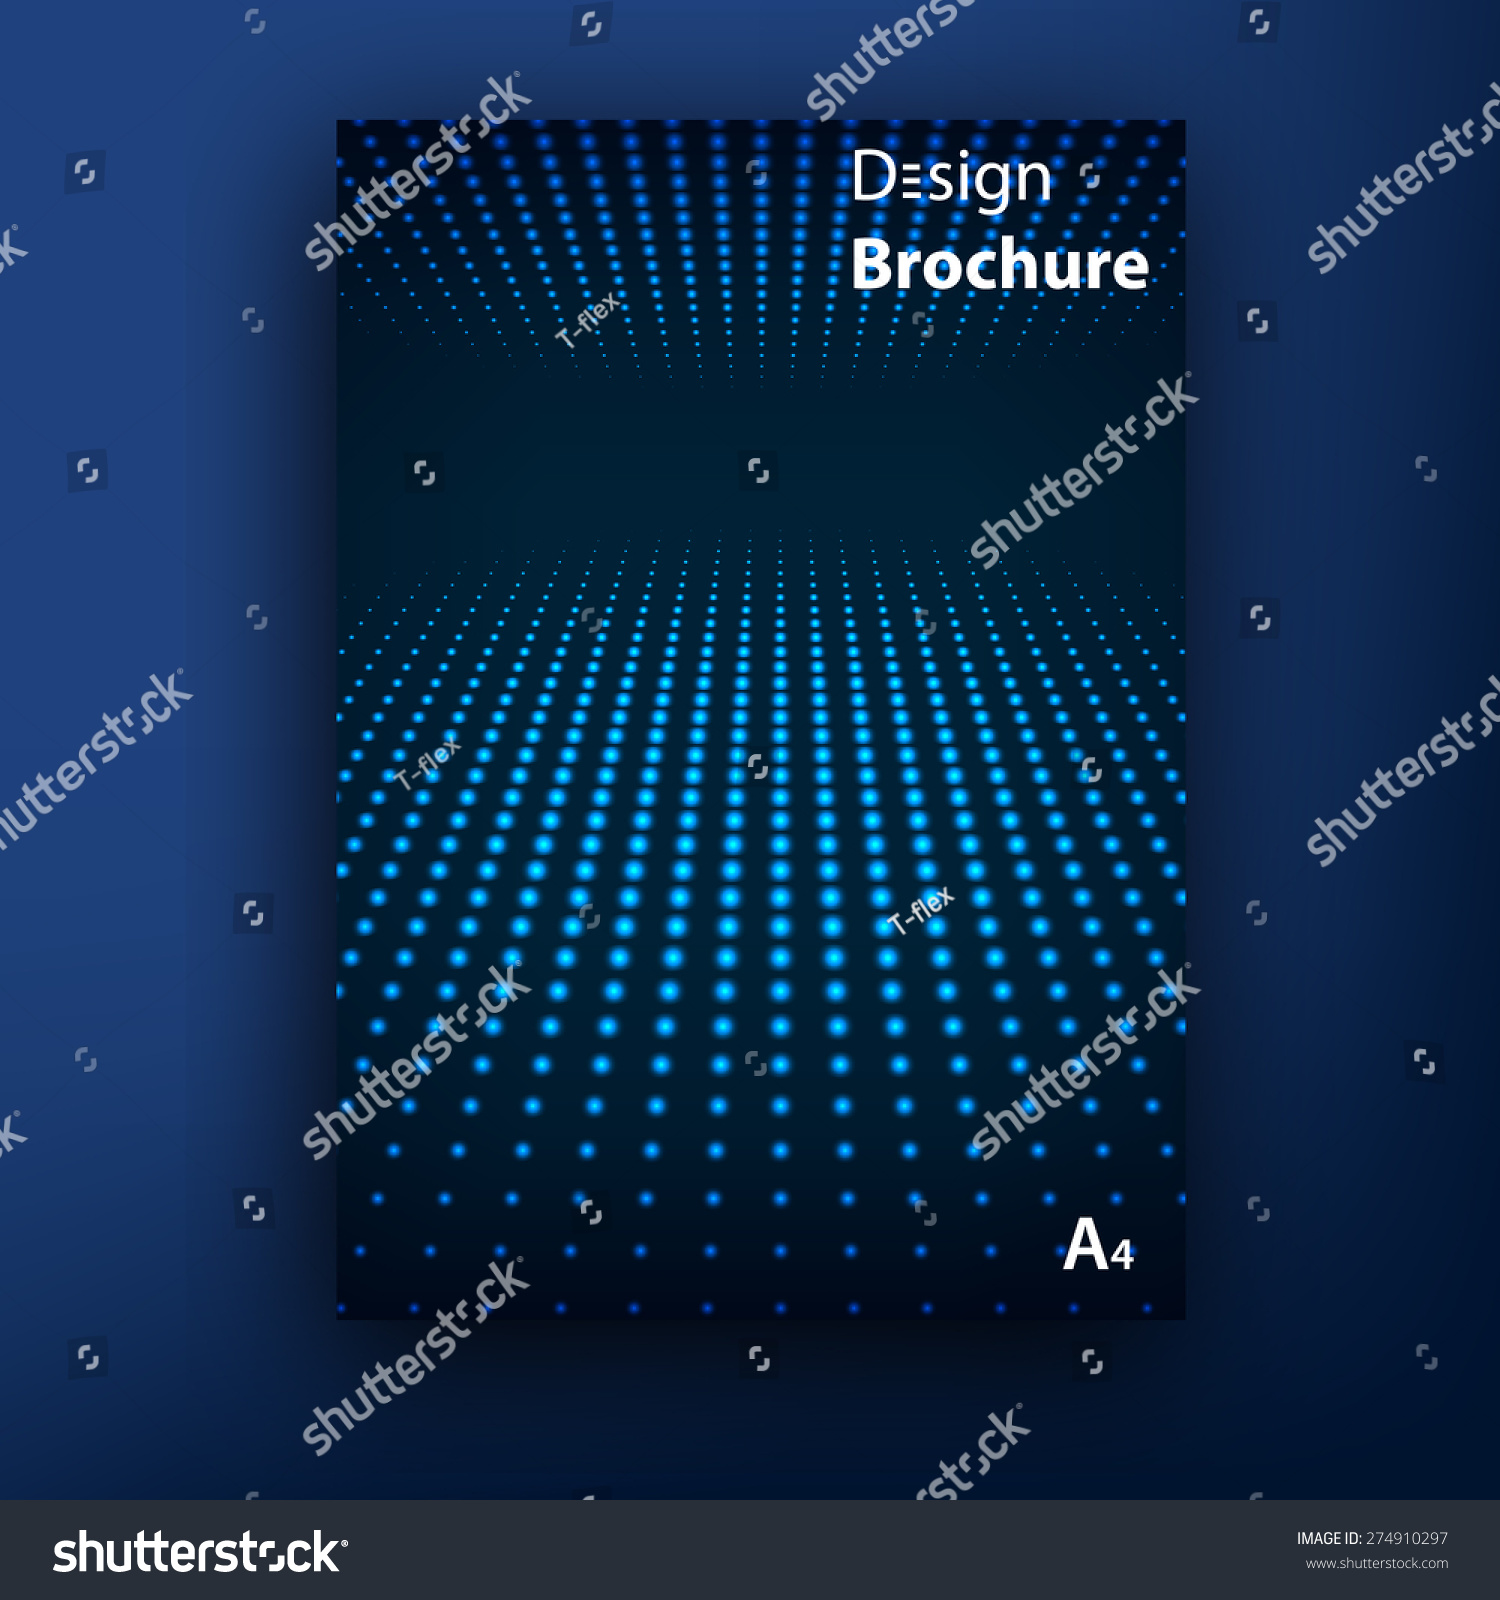 vector brochure booklet cover design templates stock vector vector brochure booklet cover design templates collection a4